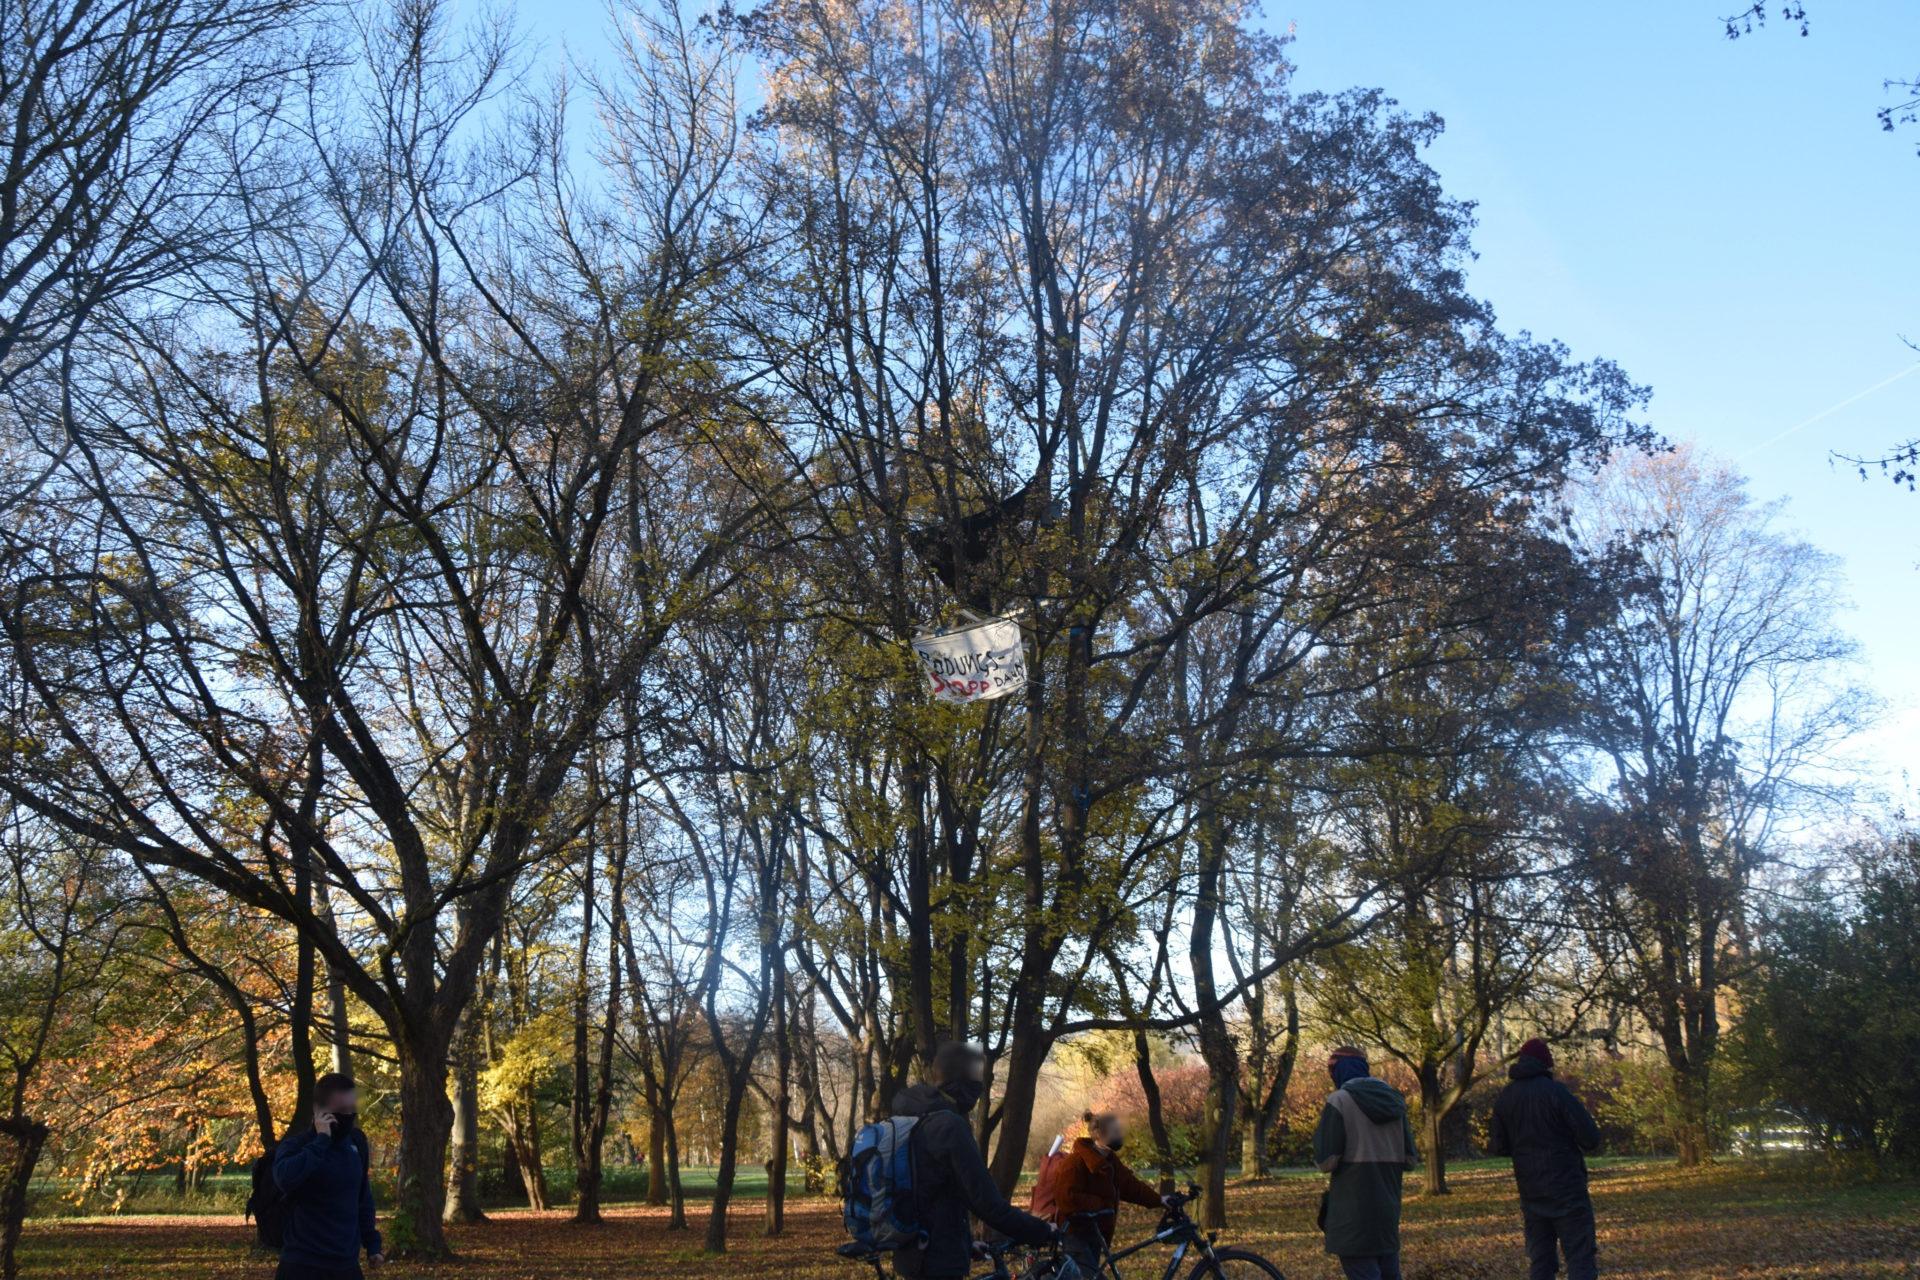 Umweltaktivist*innen errichten Baumhaus im Paradies  – Klimacamp angekündigt